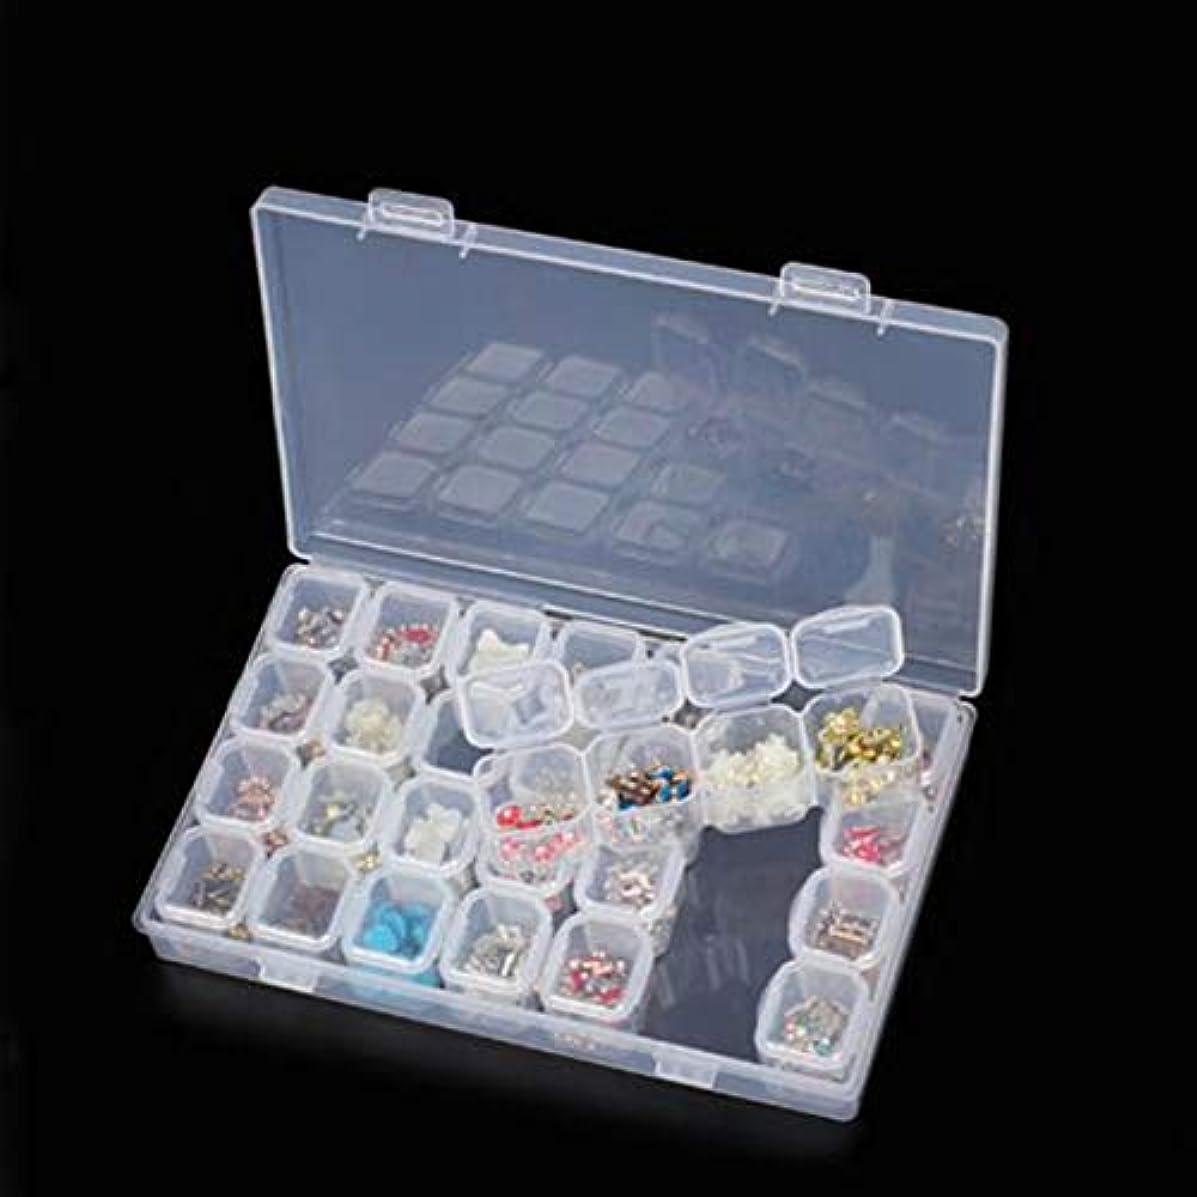 偏見重要なムスタチオBirdlantern 28スロットプラスチック収納ボックスダイヤモンド塗装キットネイルアートラインストーンツールビーズ収納ボックスケースオーガナイザーホルダー